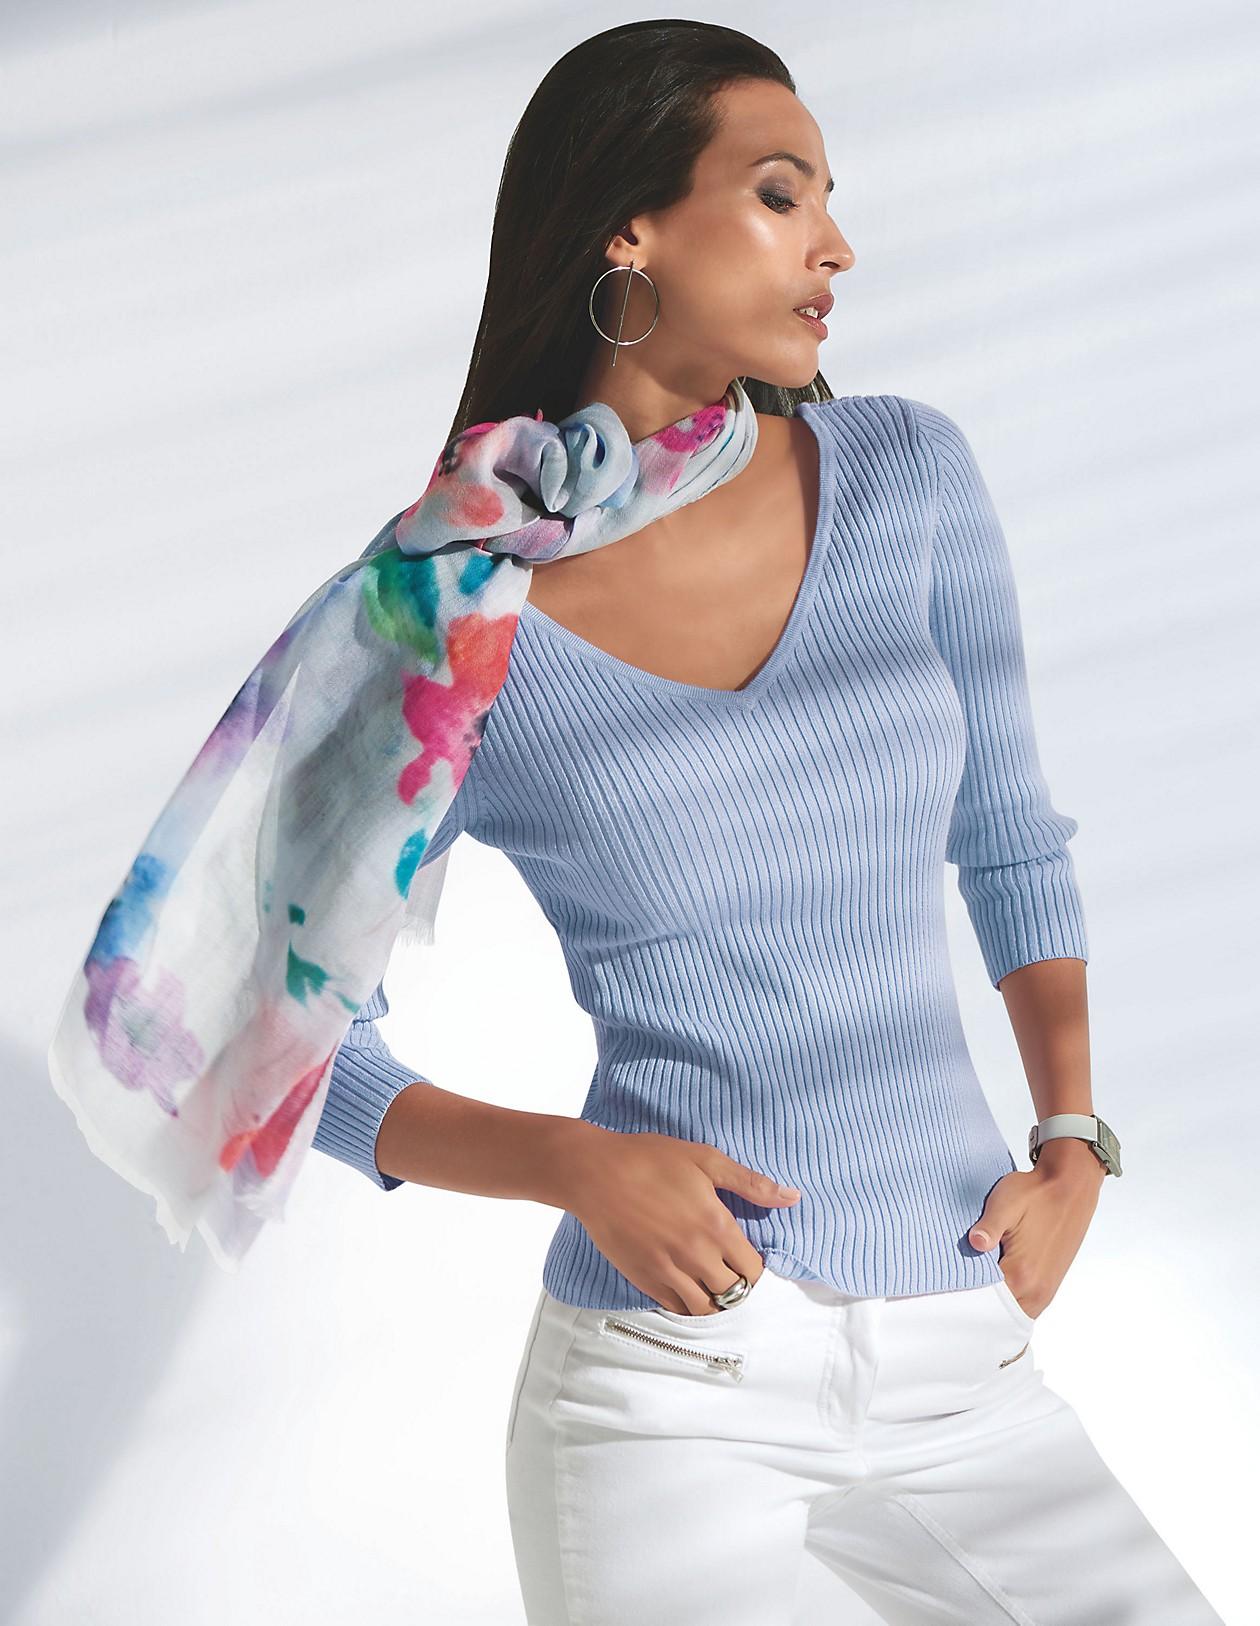 V Pullover mit femininen Details, zartgrün, grün | MADELEINE